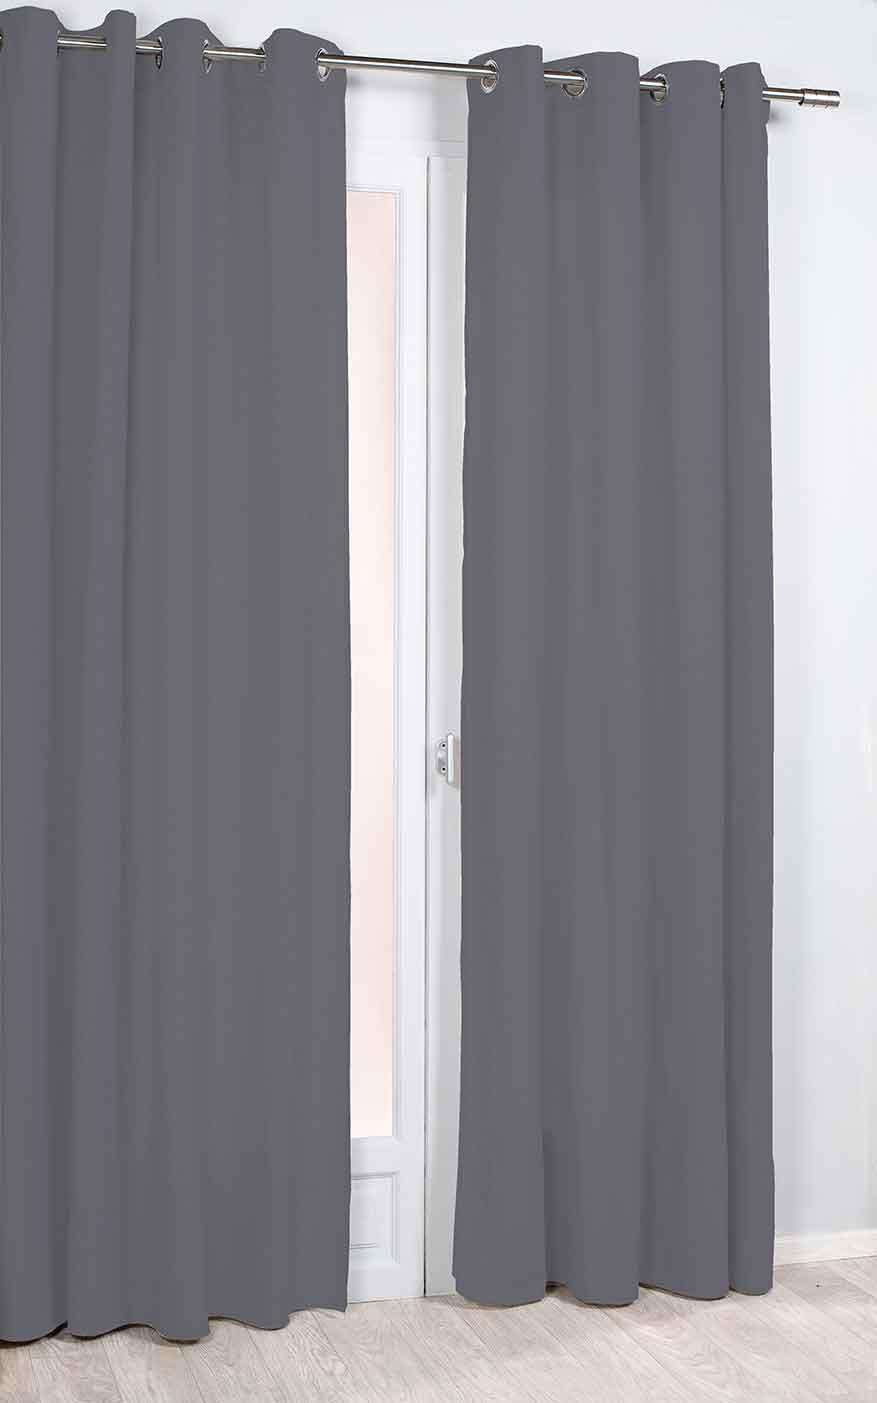 rideau phonique et thermique uni gris fonc bordeaux ivoire gris homemaison vente. Black Bedroom Furniture Sets. Home Design Ideas